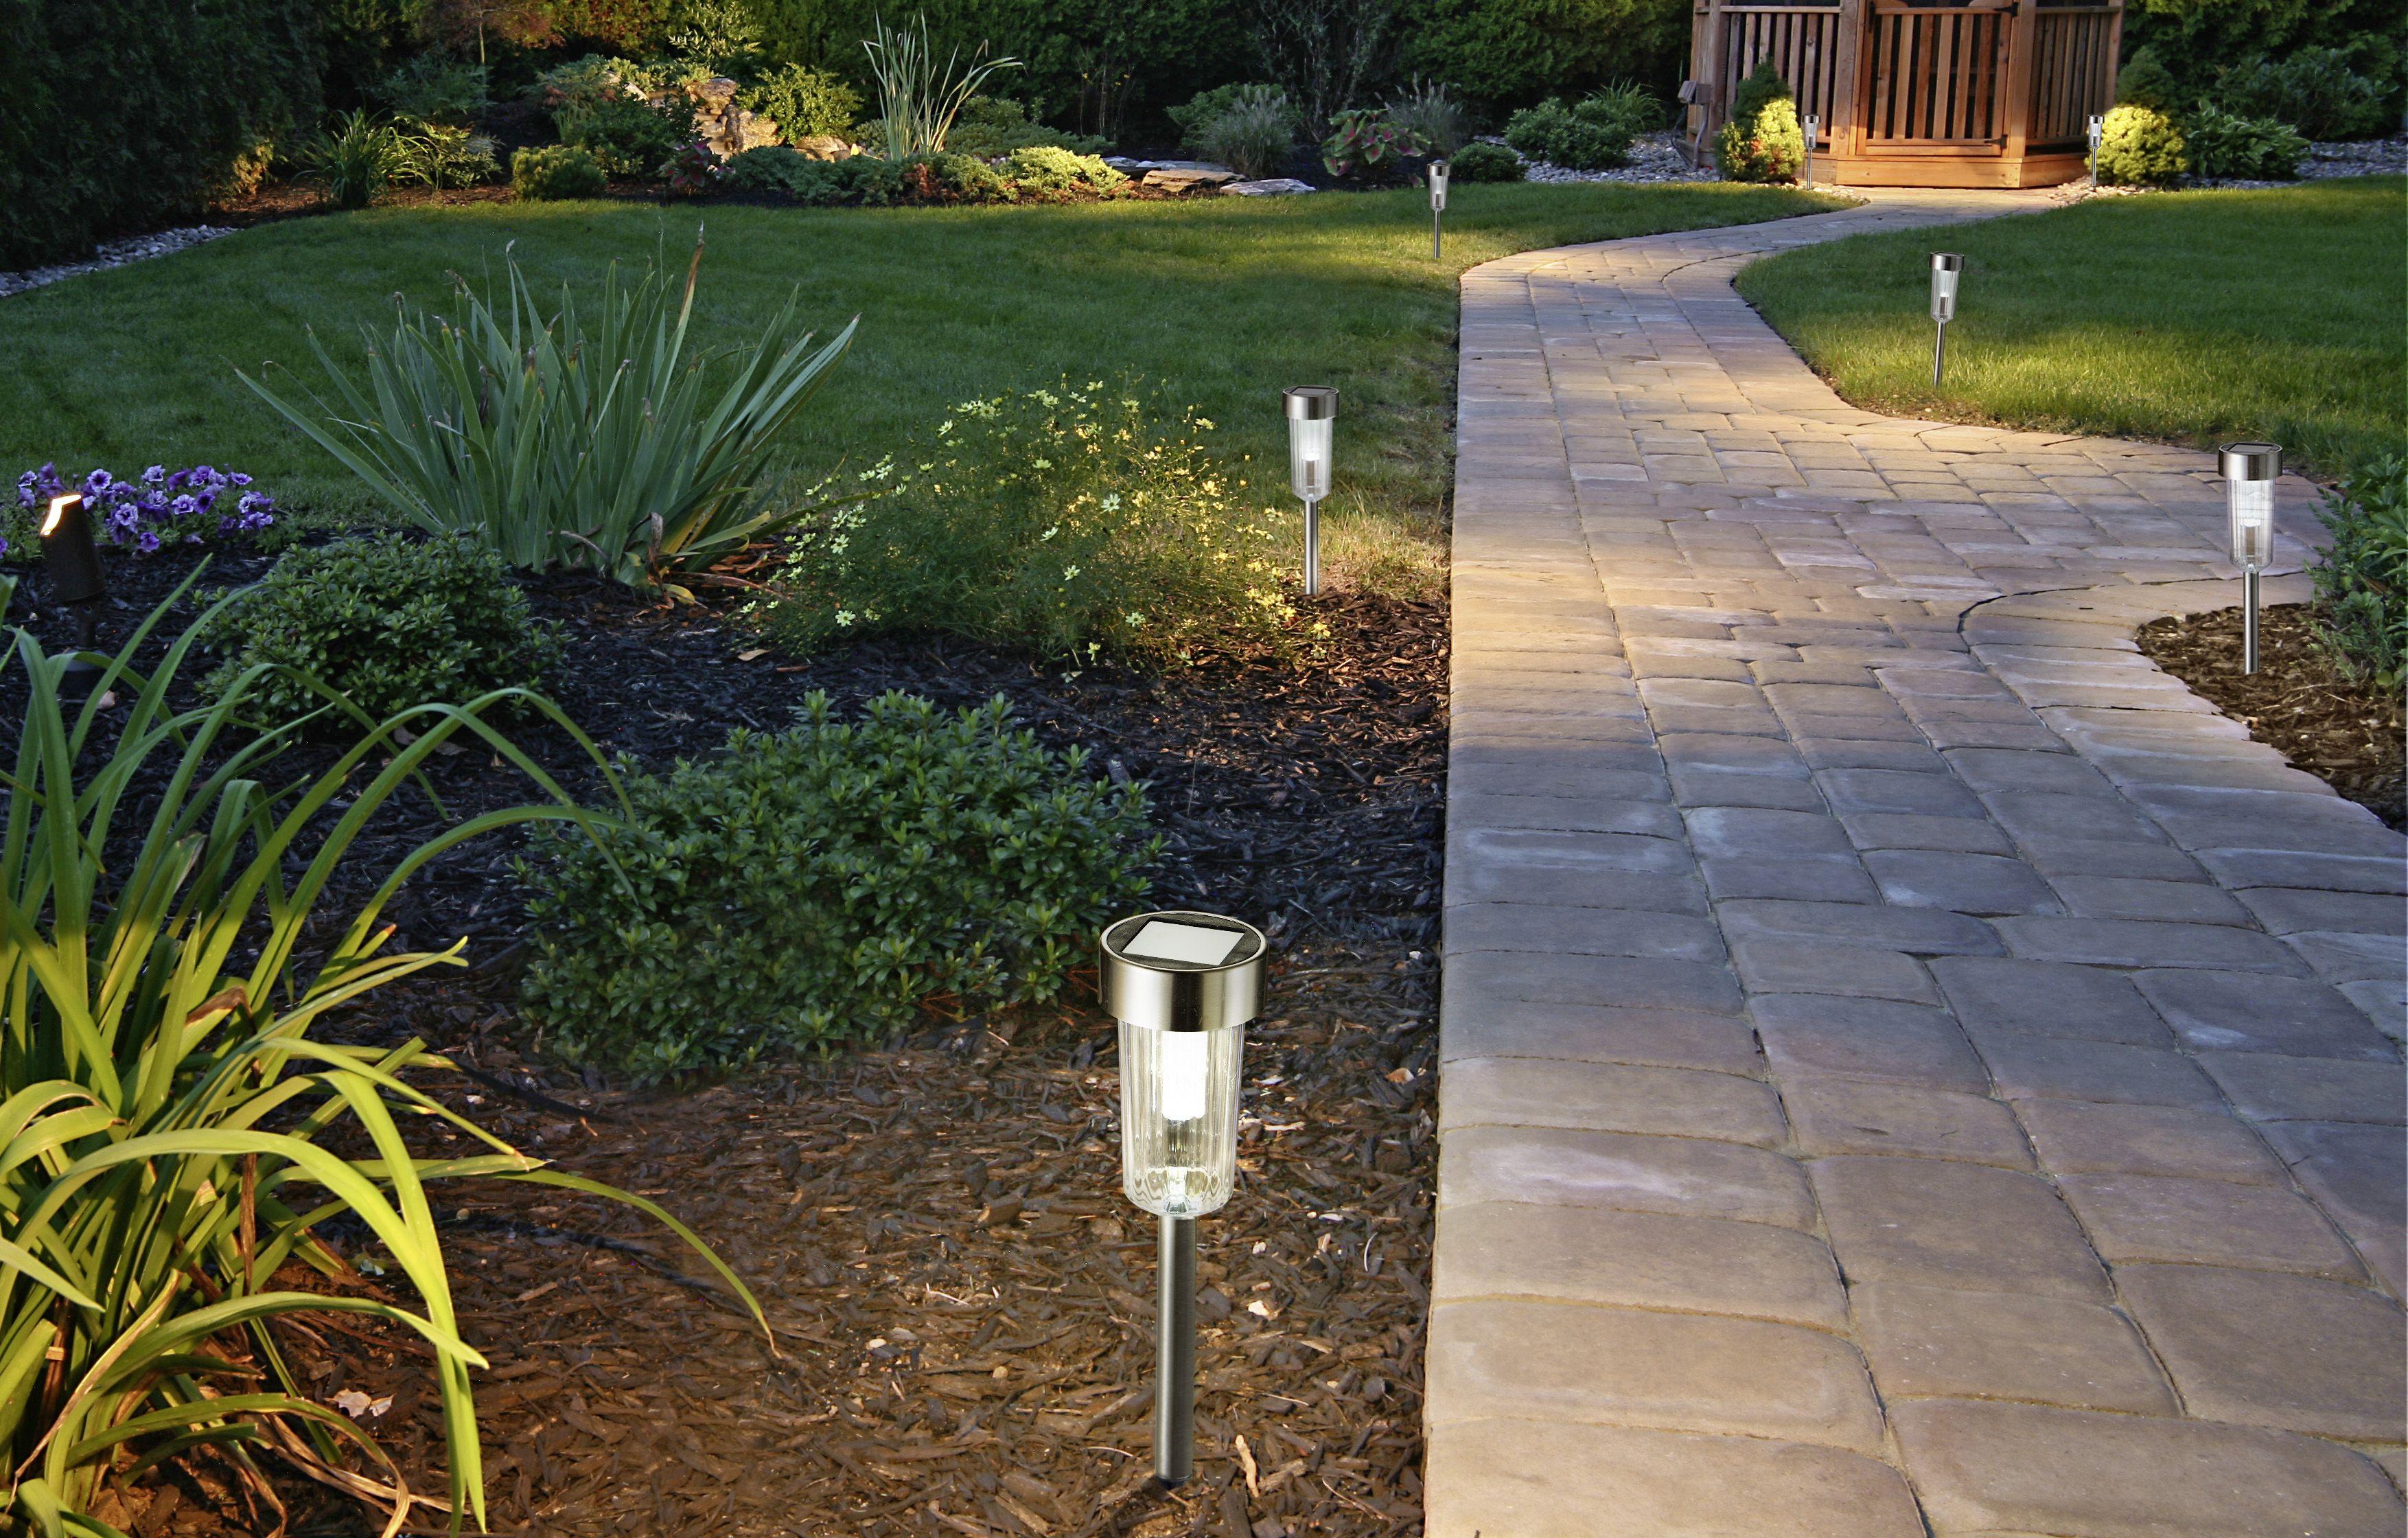 Lampe solaire à led pour bordure de jardin - Collection 2016 ...